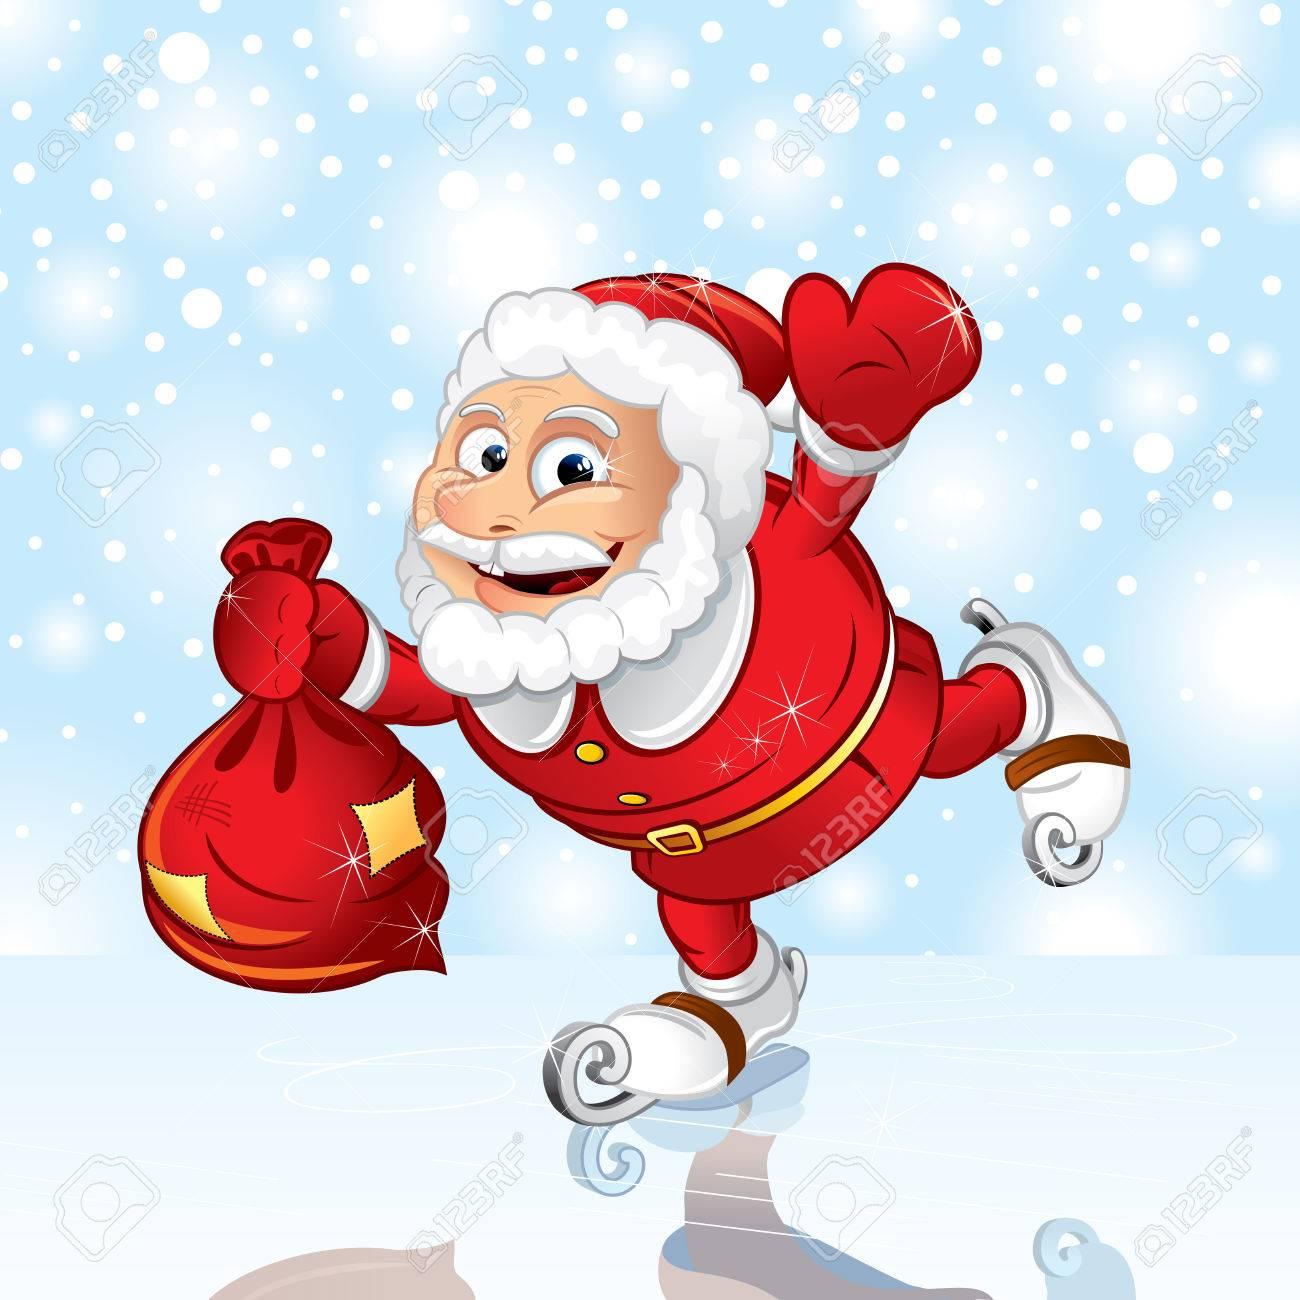 Skating Santa with sack. Vector illustration Stock Vector - 8363989